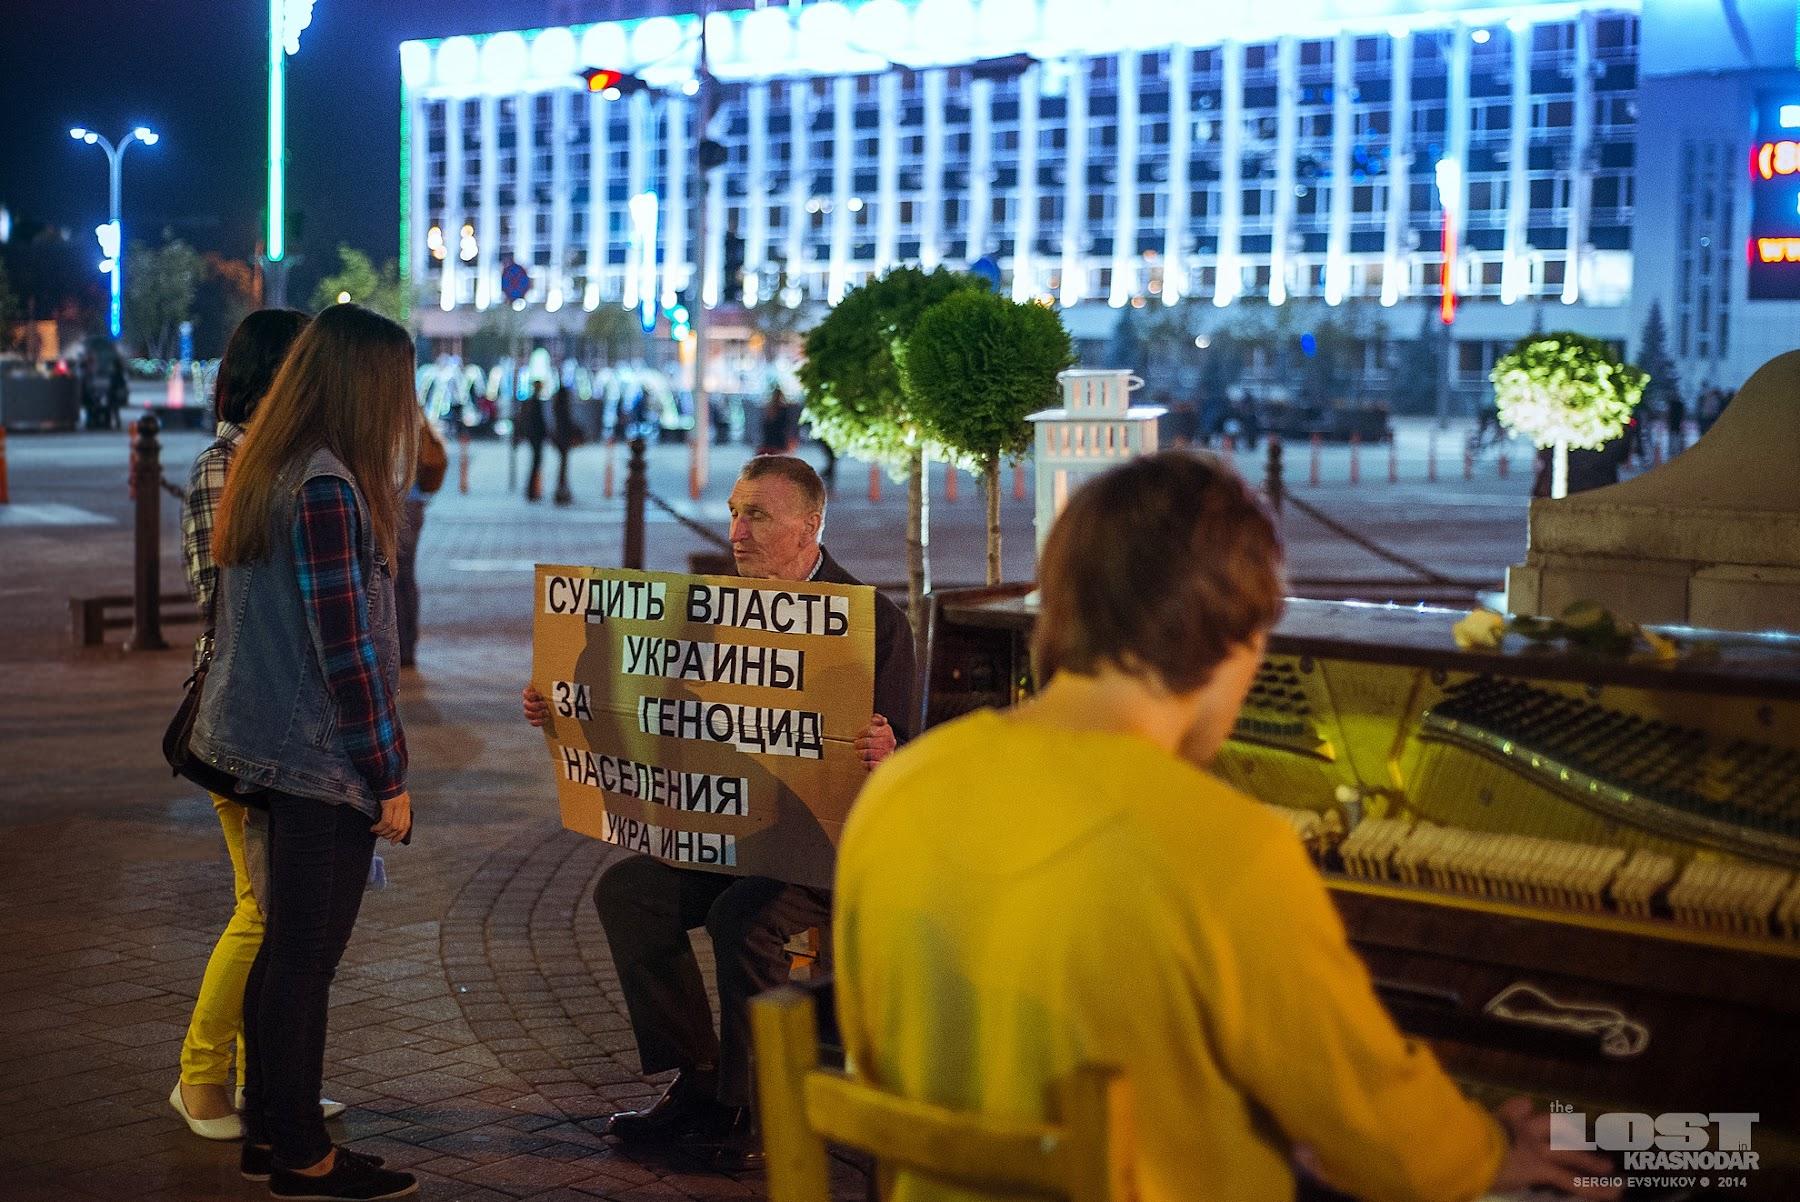 Судить власть Украины за геноцид населения Украины